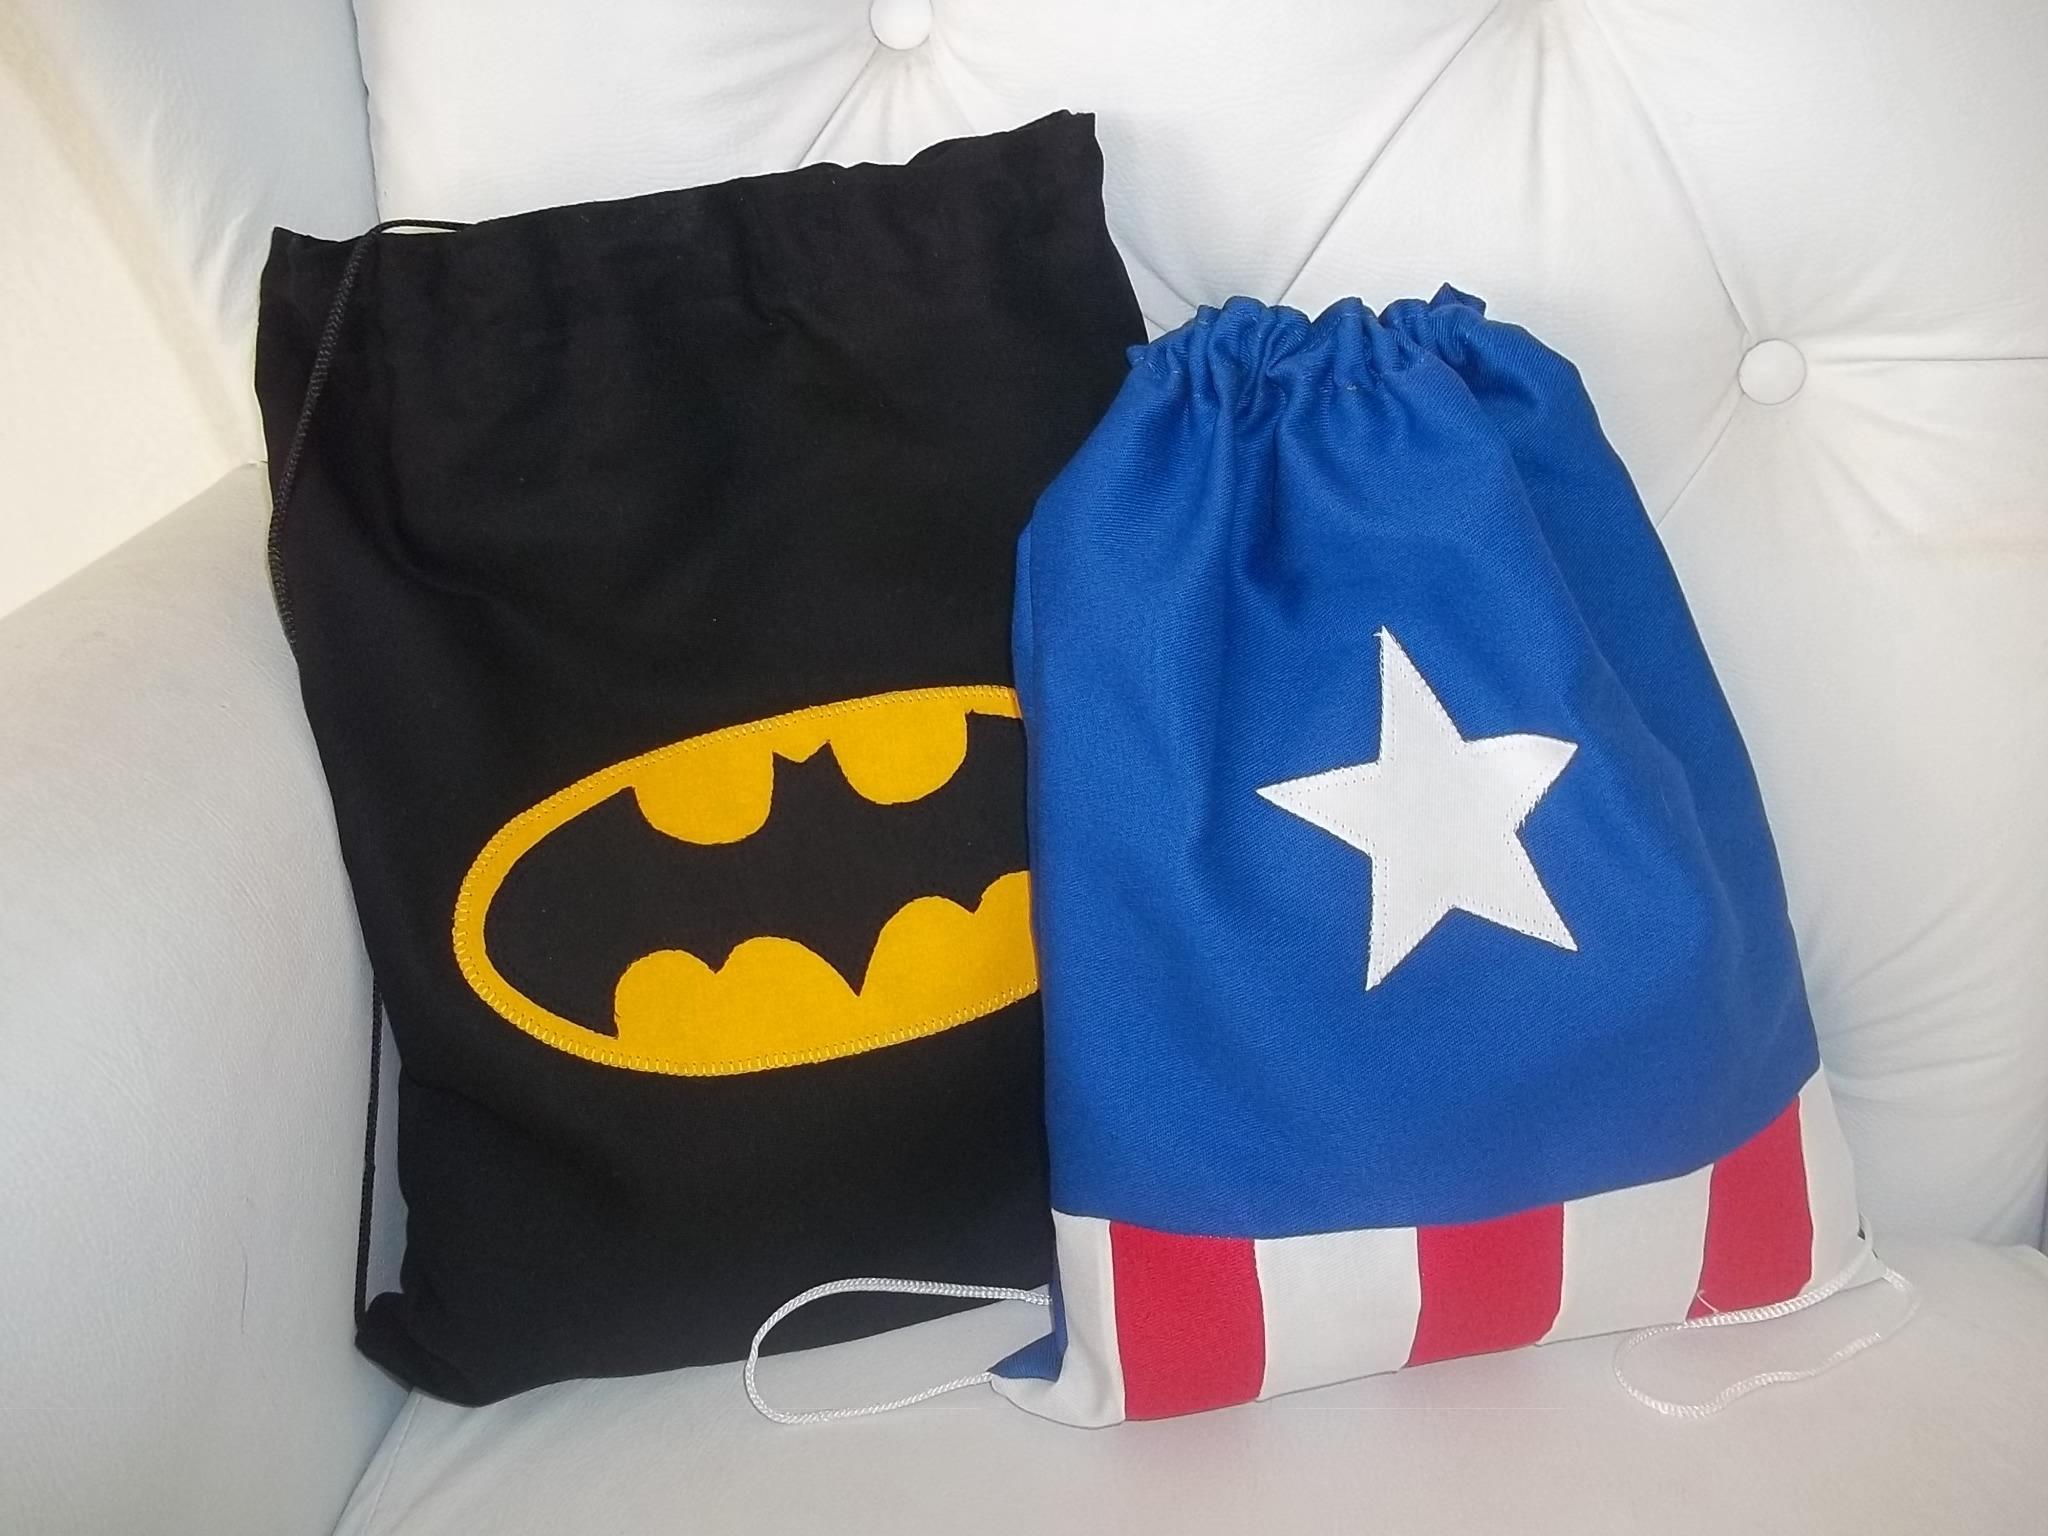 Bolsa De Festa Retro : Bolsa ou mochila p festa futricas da chiquinha elo